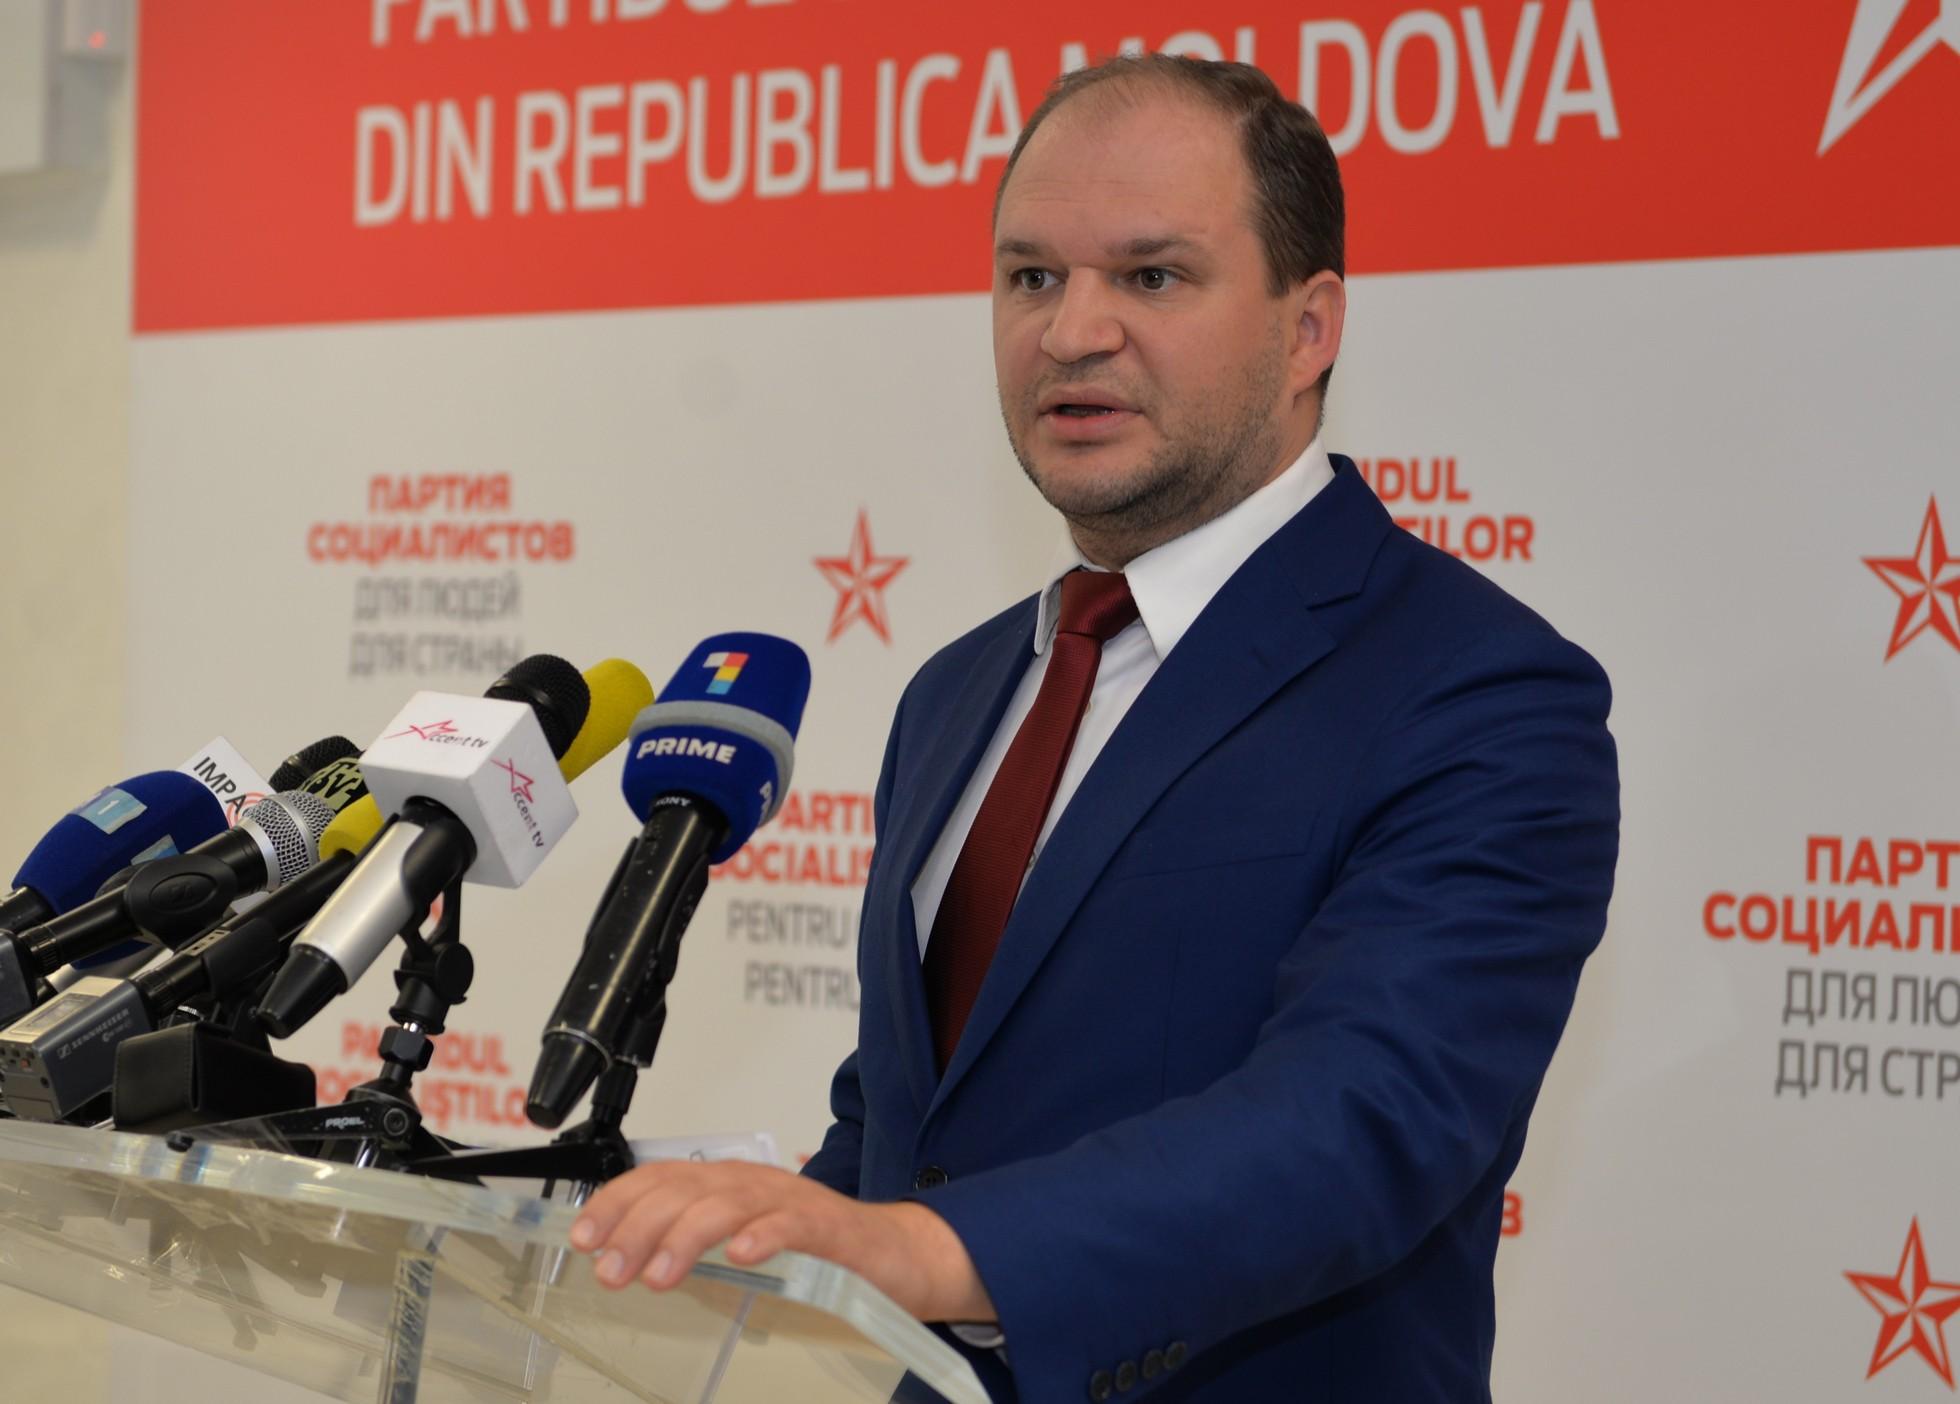 Социалисты намерены передать в КС документы о незаконном назначении Сильвии Раду (ВИДЕО)